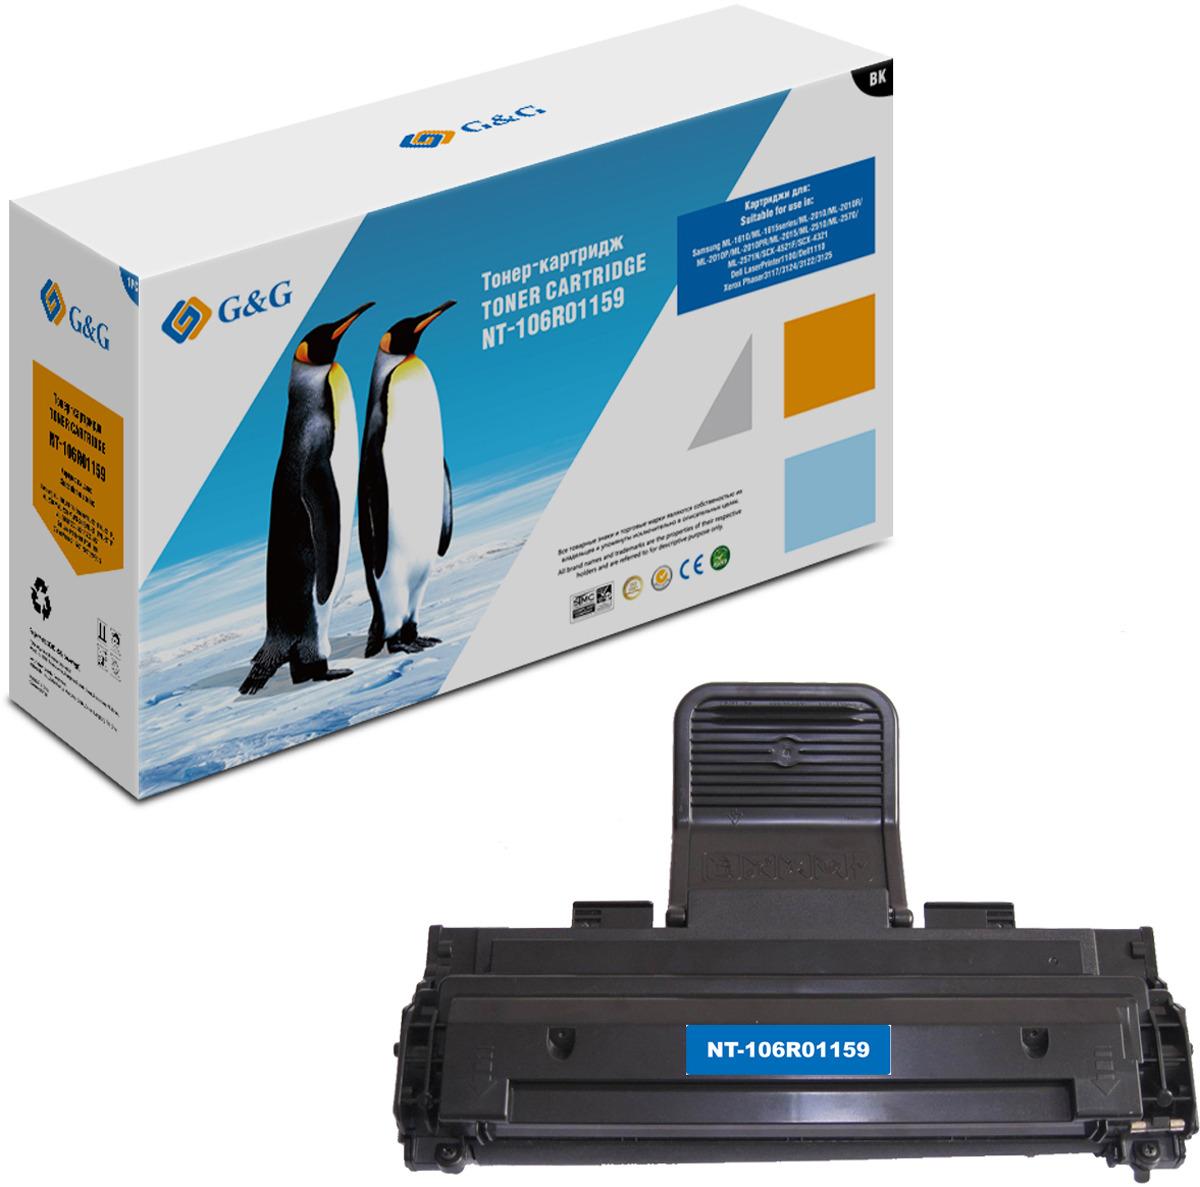 Картридж G&G NT-106R01159, черный, для лазерного принтера тонер картридж cactus cs ph3117 для принтеров xerox phaser 3117 3122 3124 3125 черный 3000 стр